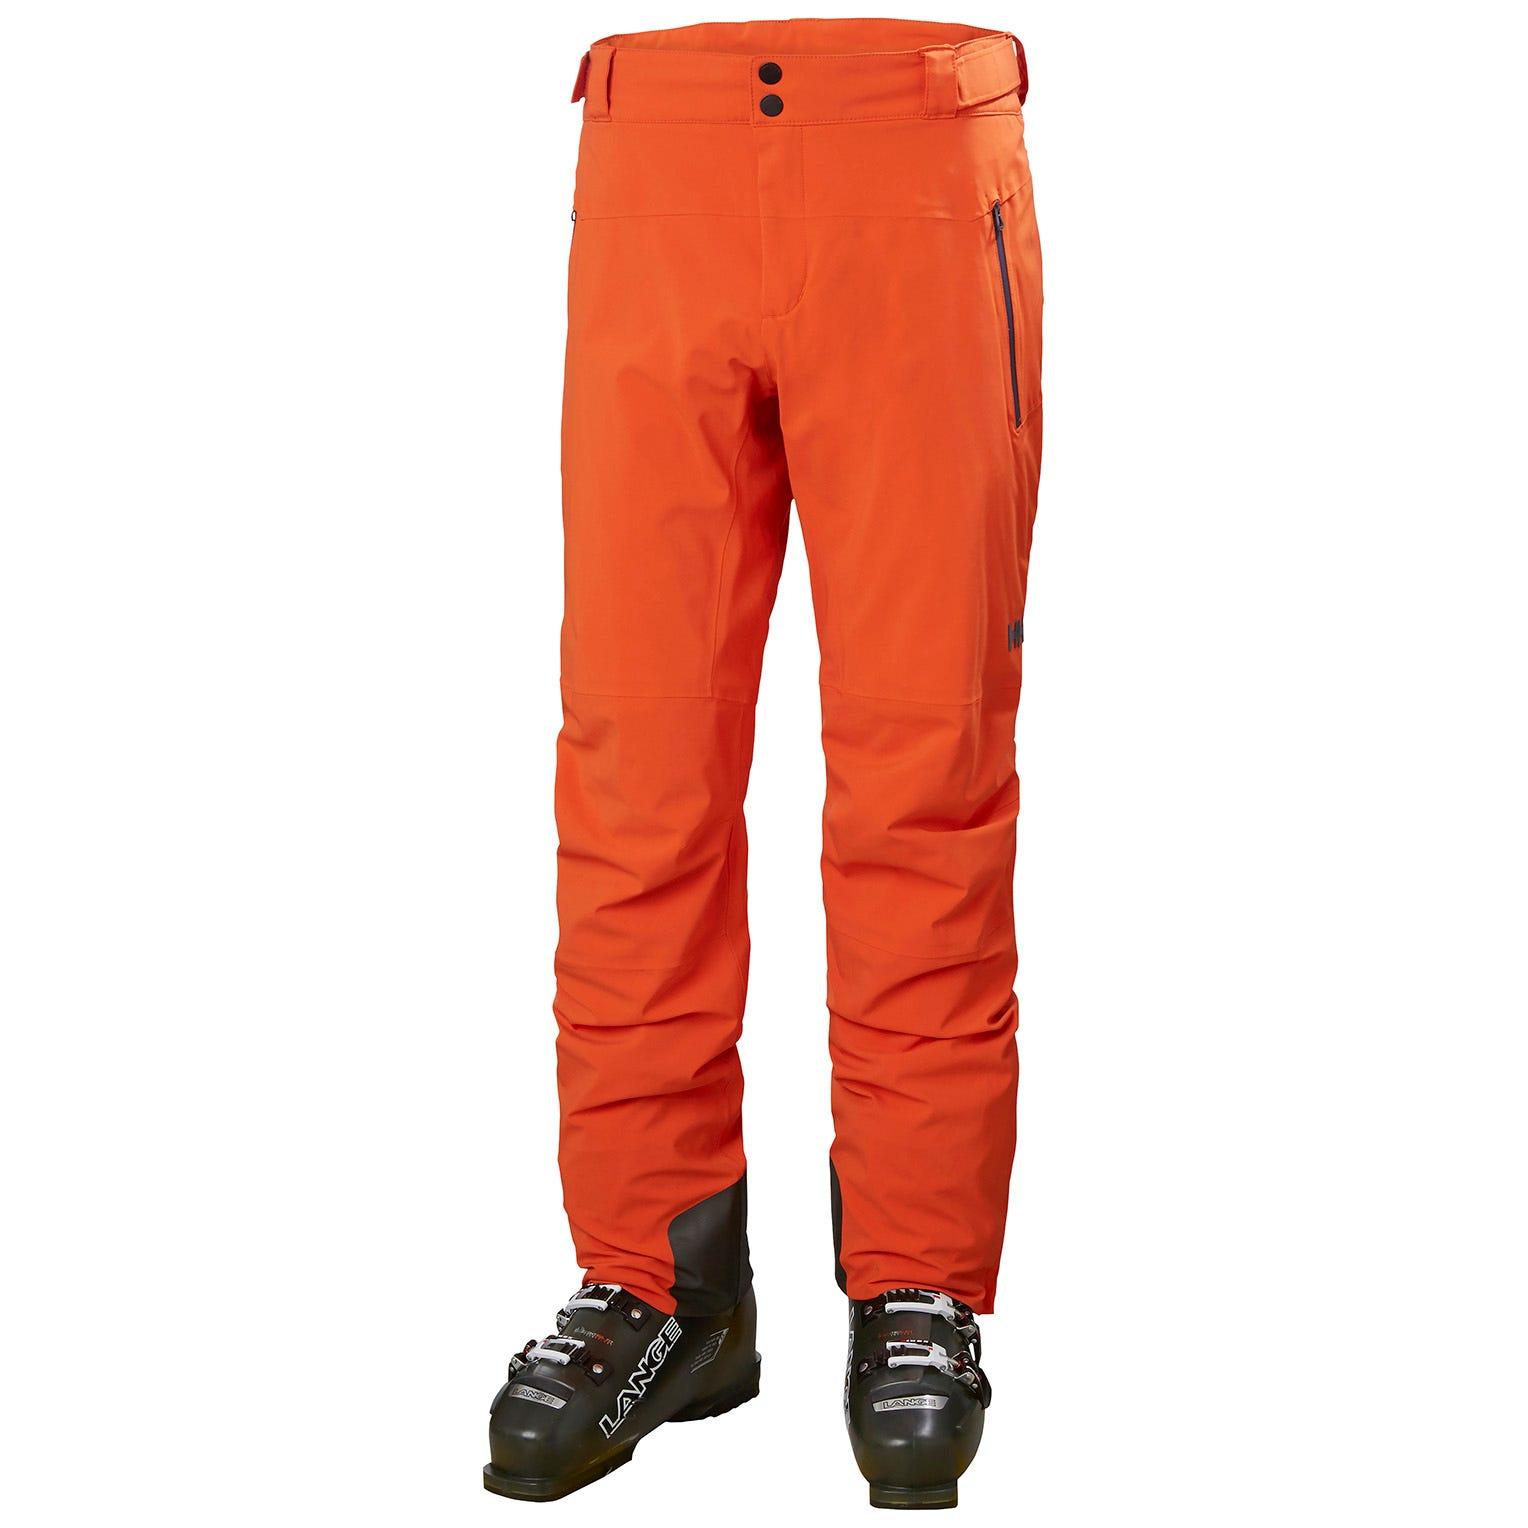 Helly Hansen Mens Alpha Lifaloft Lightweight Mountain Ski Trousers XXL